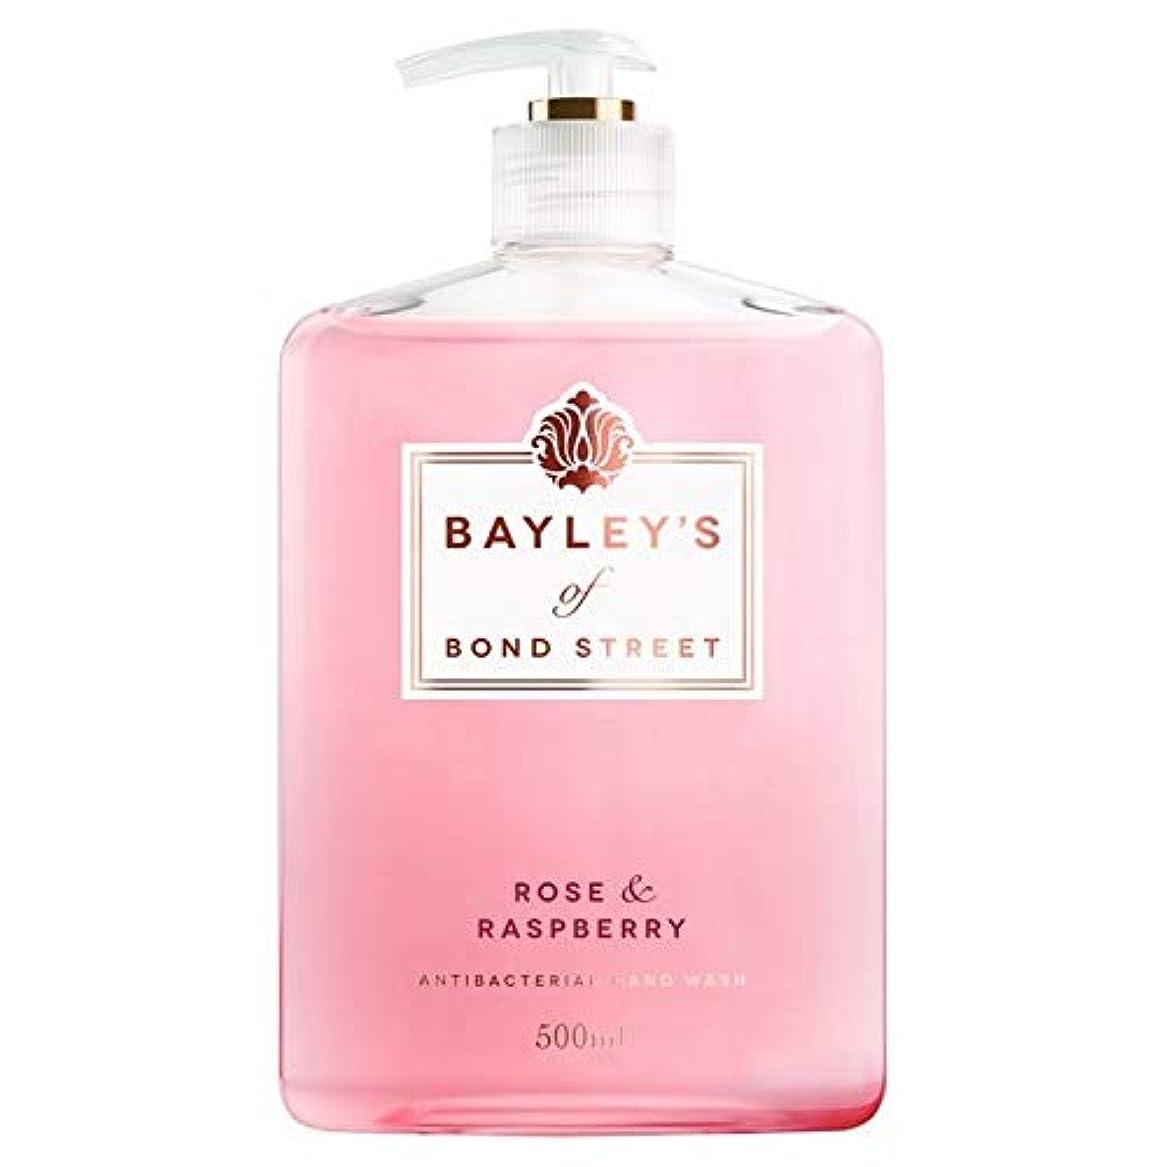 ゆり同情的虚栄心[Bayley's of Bond Street ] ベイリーのボンドストリートのは、ローズ&ラズベリーのハンドウォッシュ500ミリリットル - Bayley's of Bond Street Rose & Raspberry...